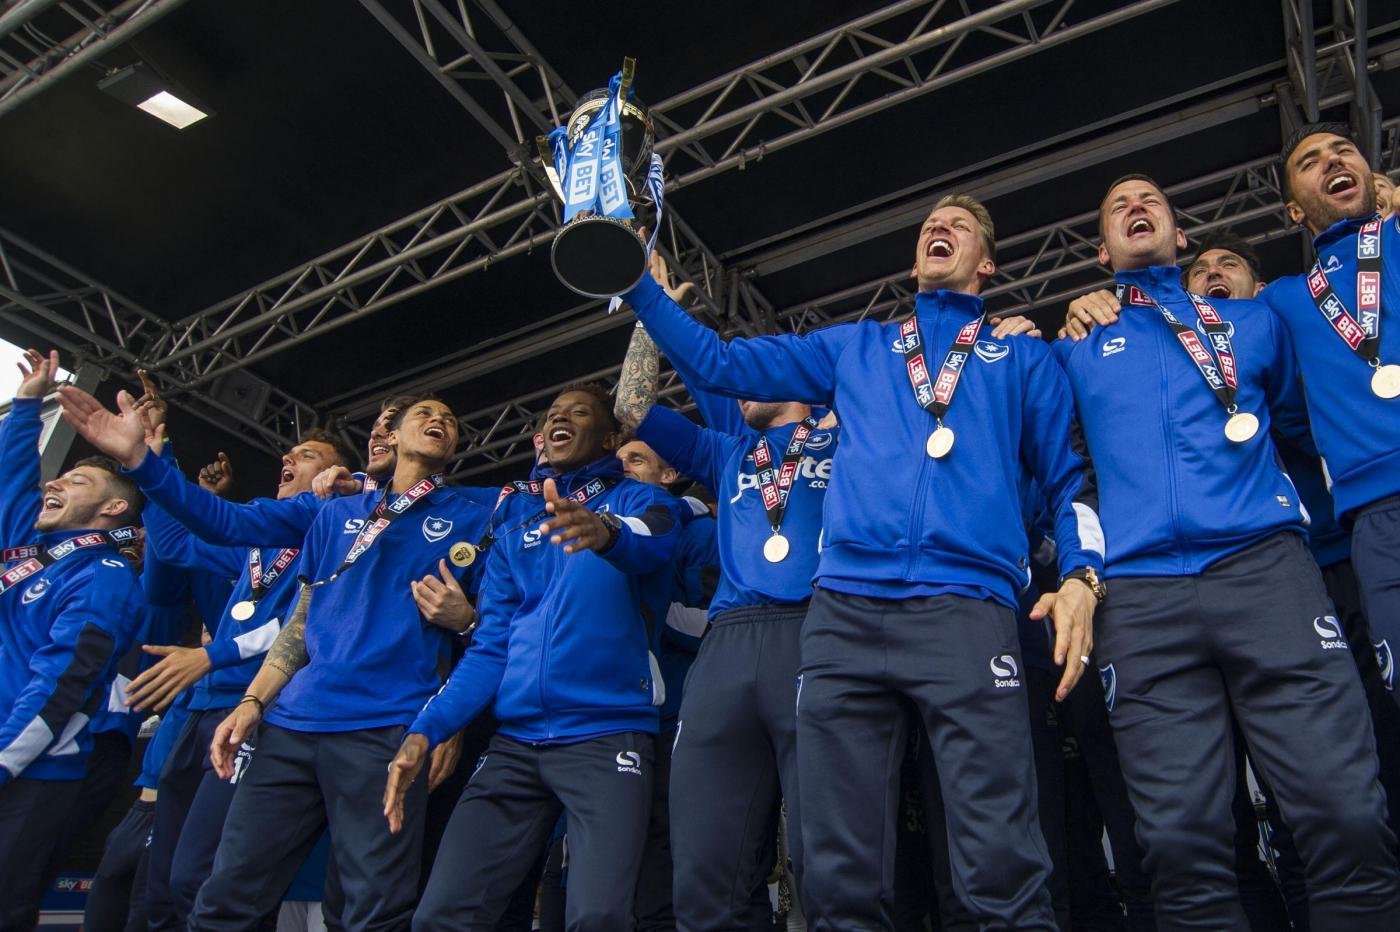 Portsmouth-Oxford Utd 25 marzo, analisi e pronostico